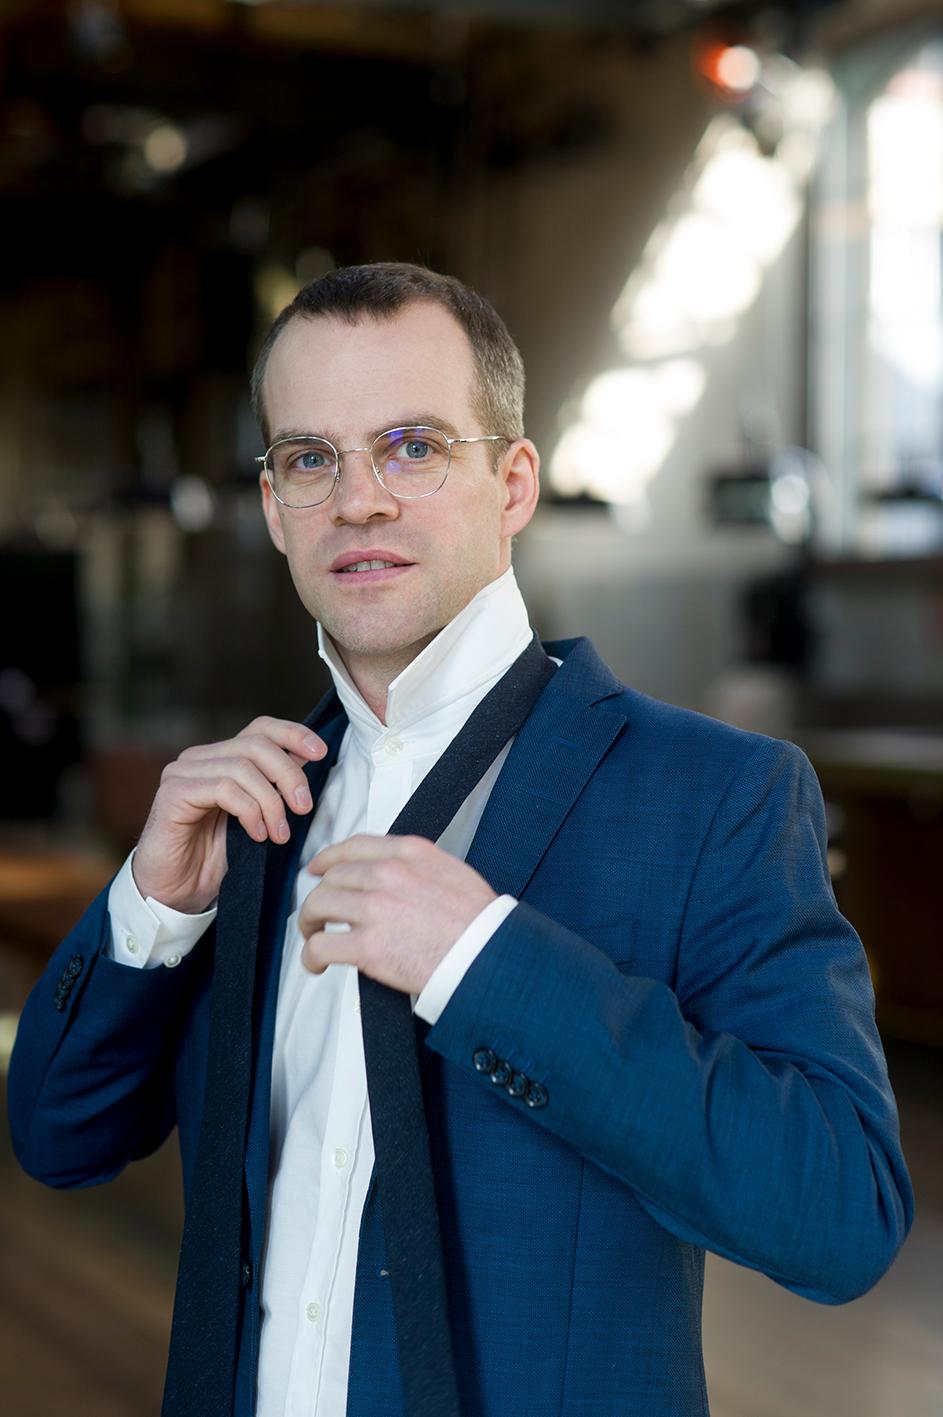 Pascal Goffin bindet sich eine Krawatte, lächelnd